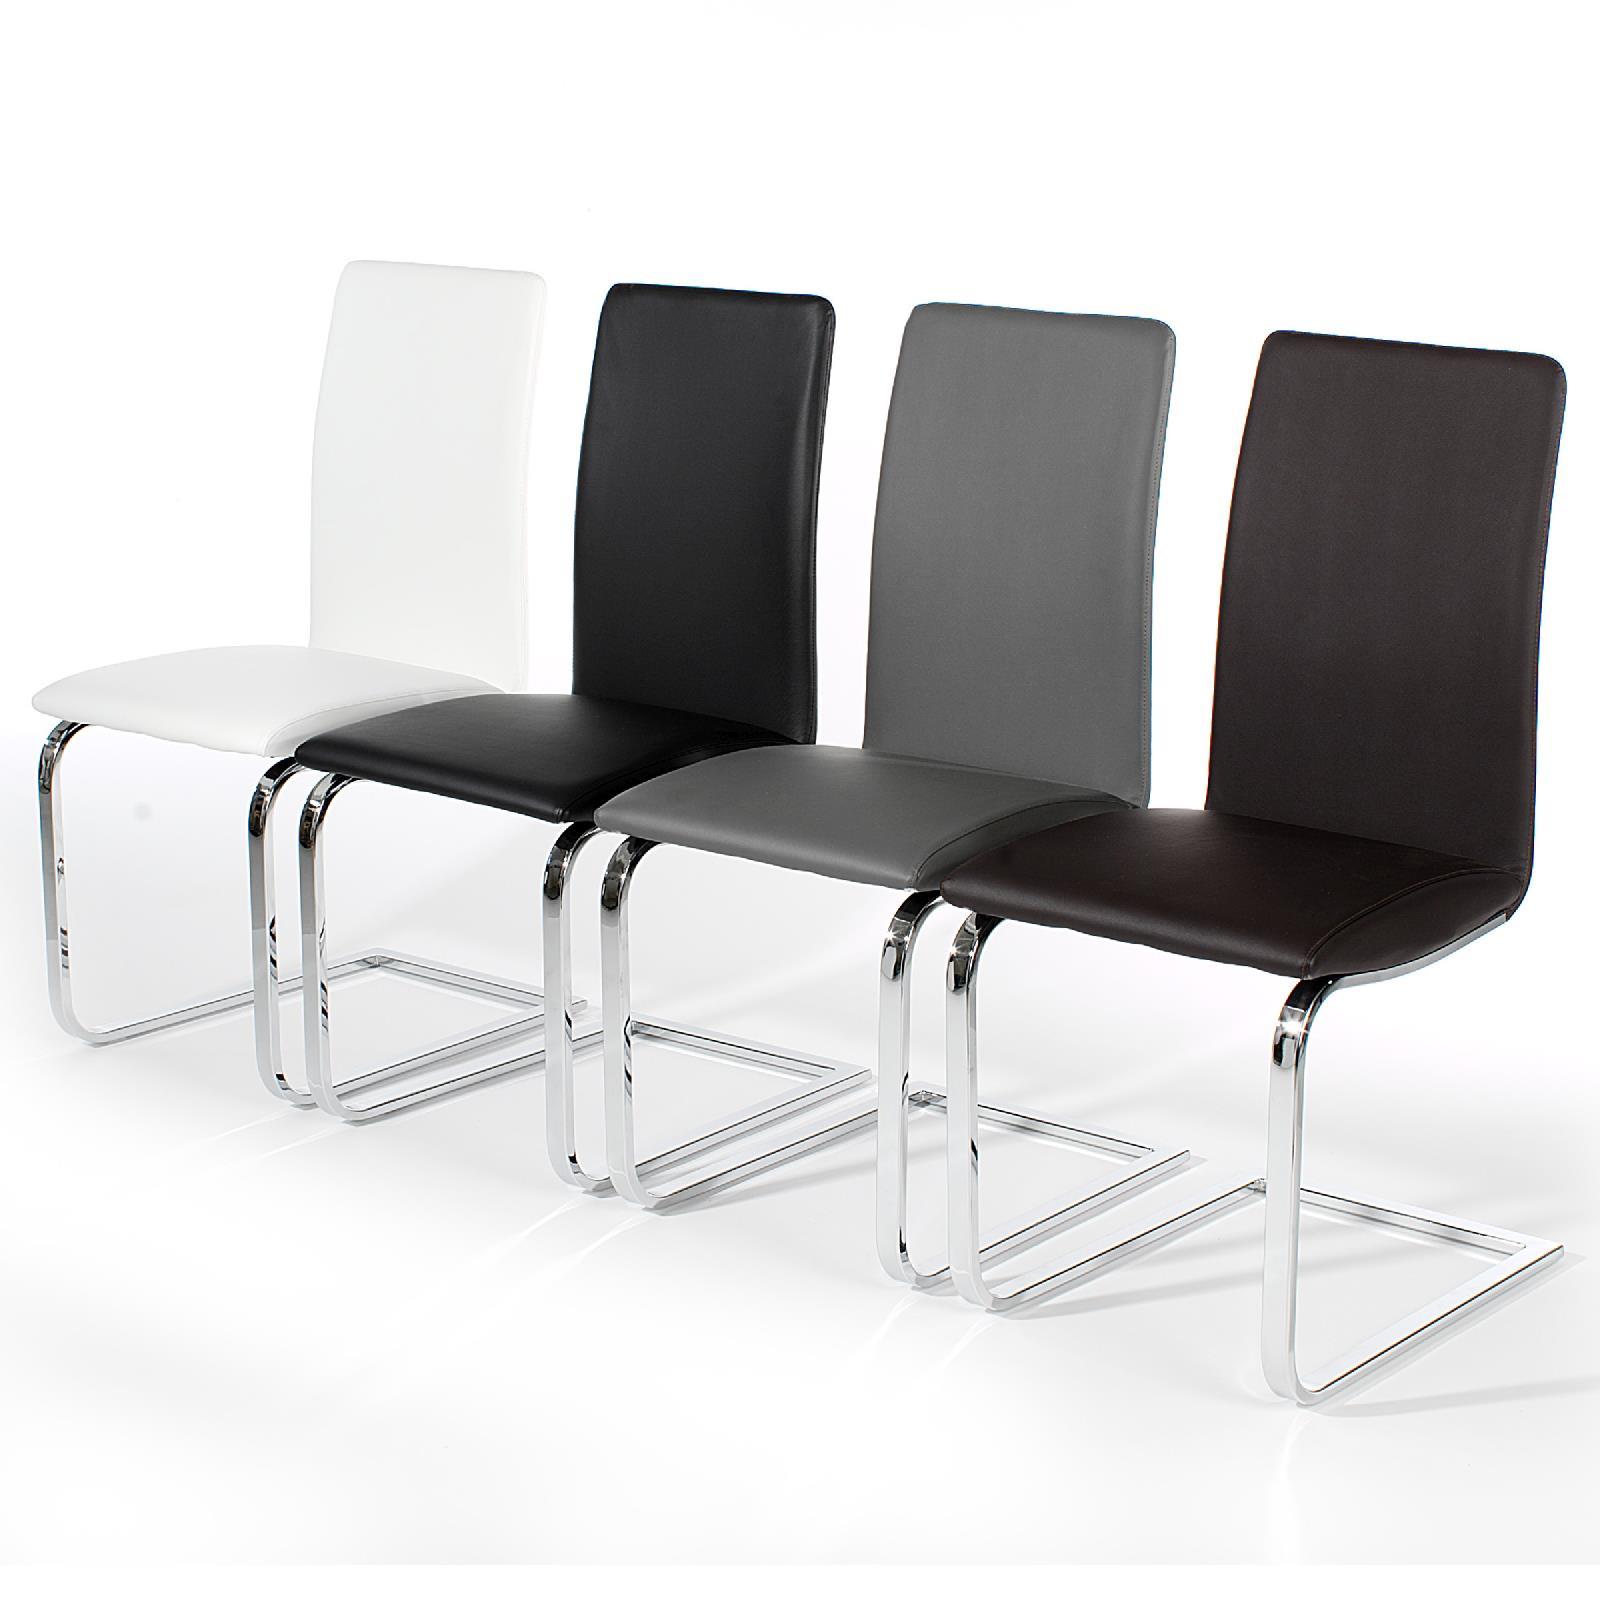 schwingstuhl 4er set in versch farben caro m bel. Black Bedroom Furniture Sets. Home Design Ideas